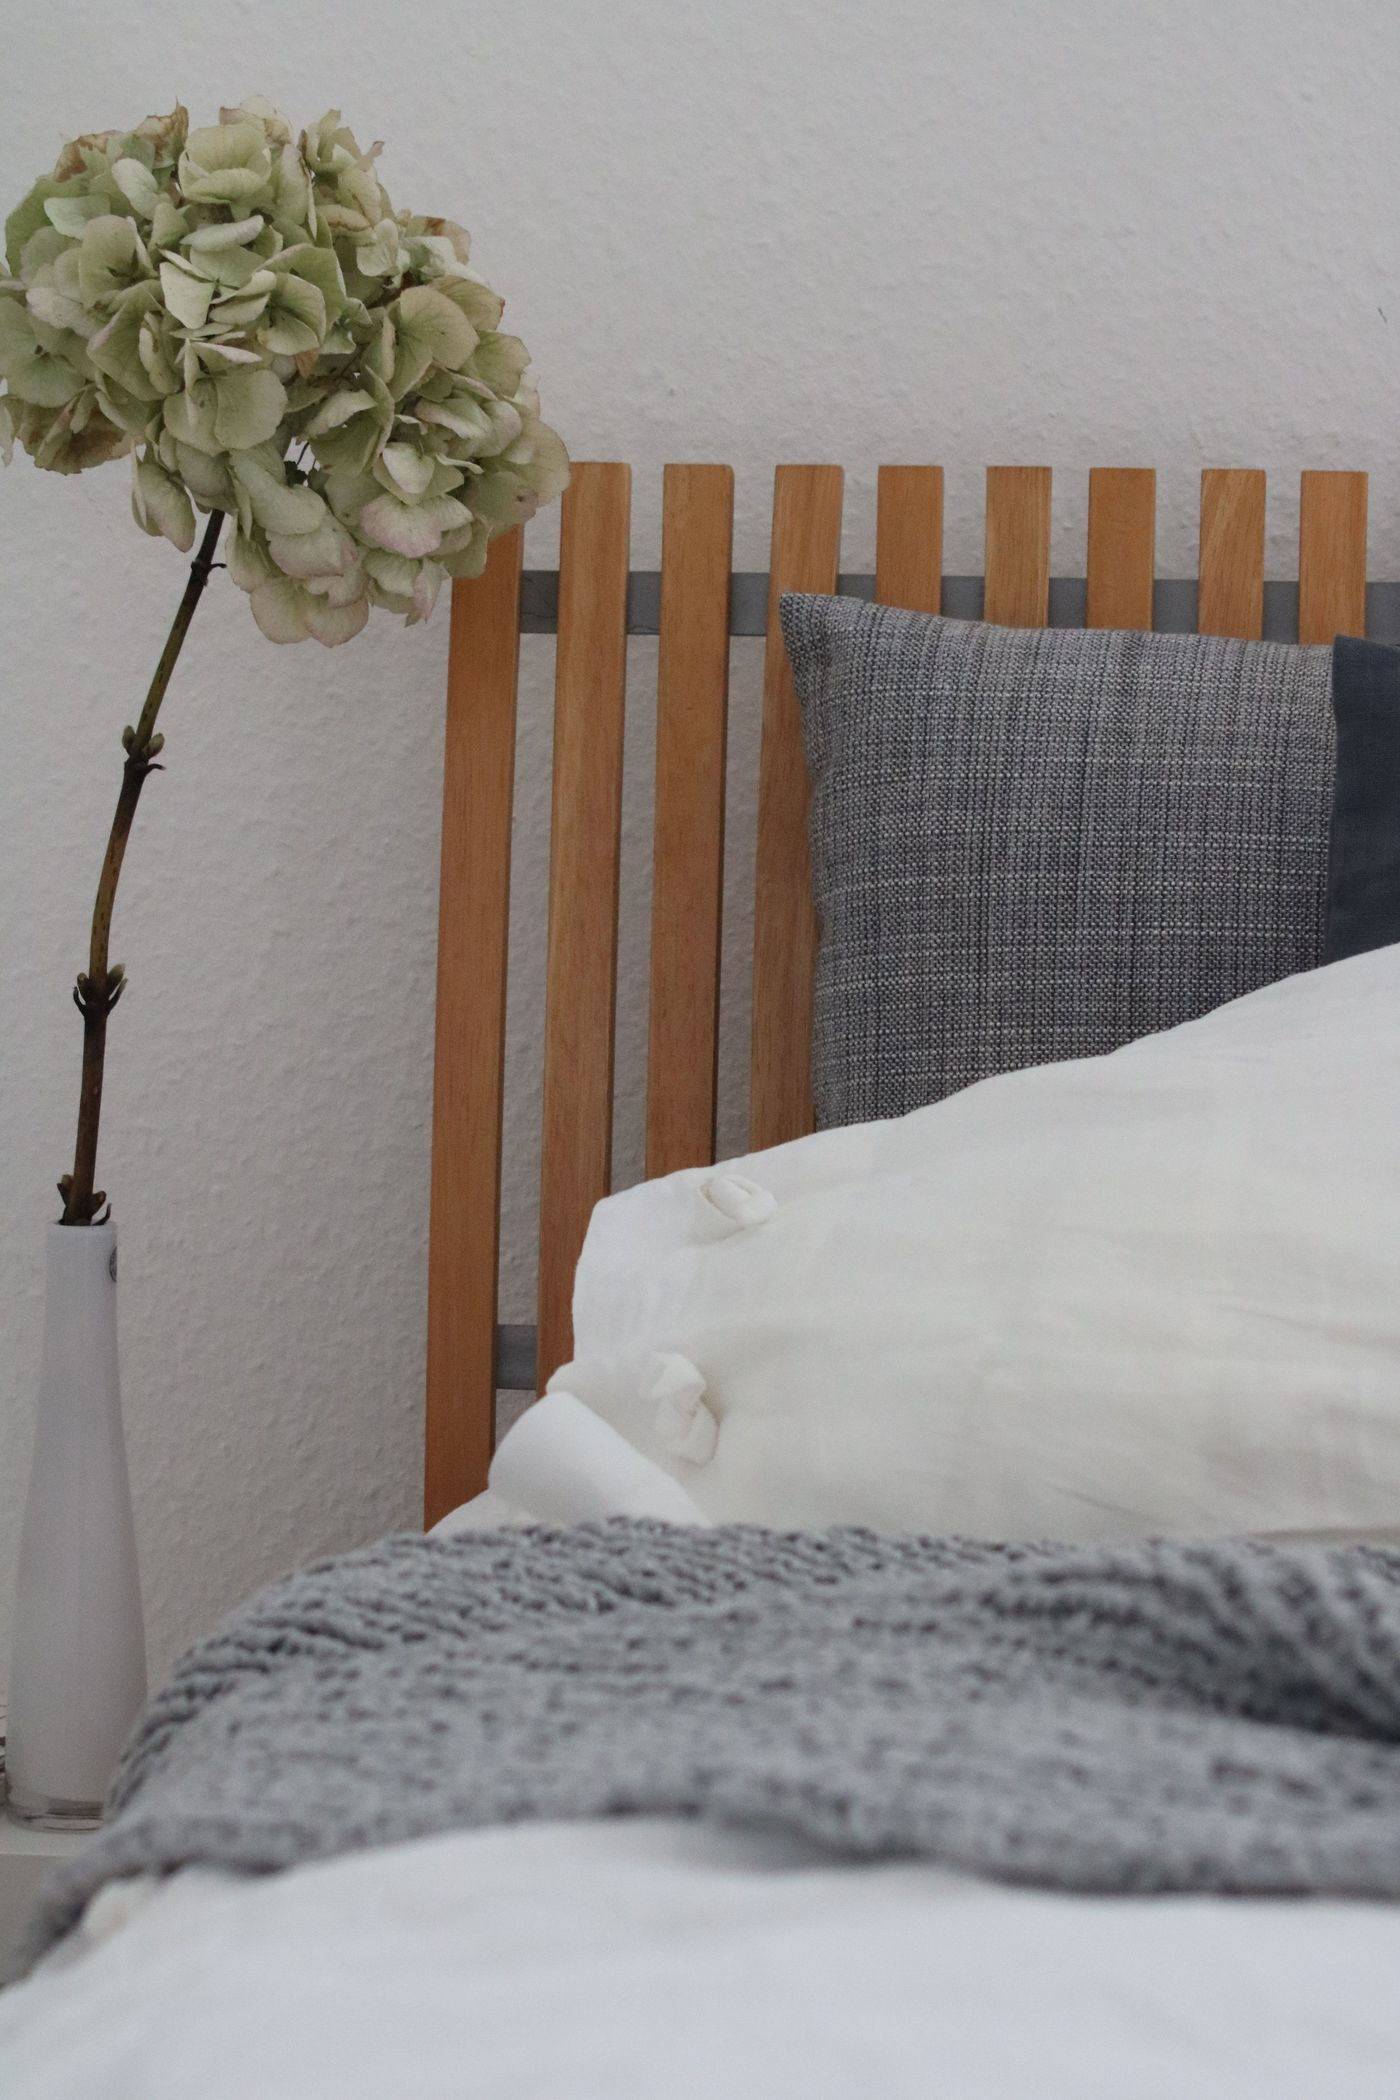 ikea schlafzimmer grau gebrauchtes schlafzimmer komplett 4 jahreszeiten bettdecken im test mit. Black Bedroom Furniture Sets. Home Design Ideas